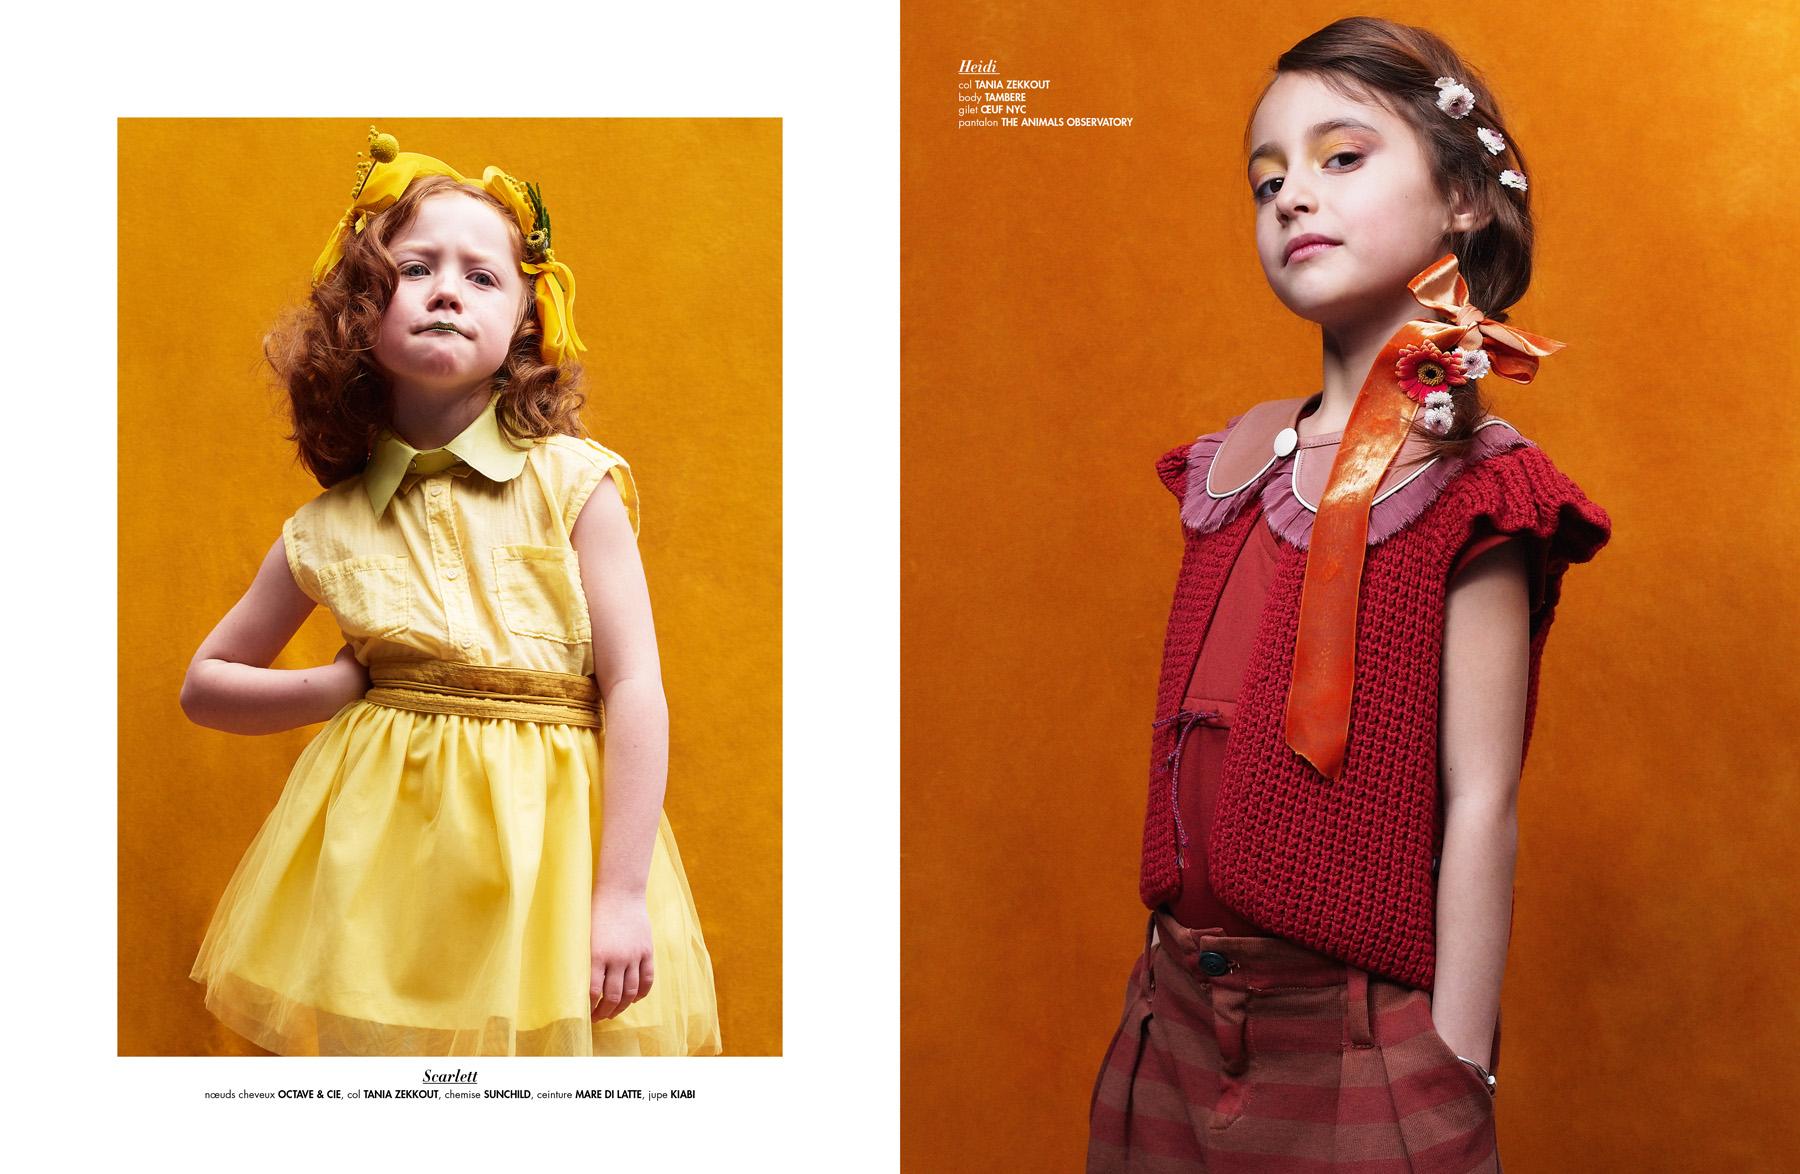 002-icon-artist-management-Kristin-Vicari-kids-Doolittle002.jpg